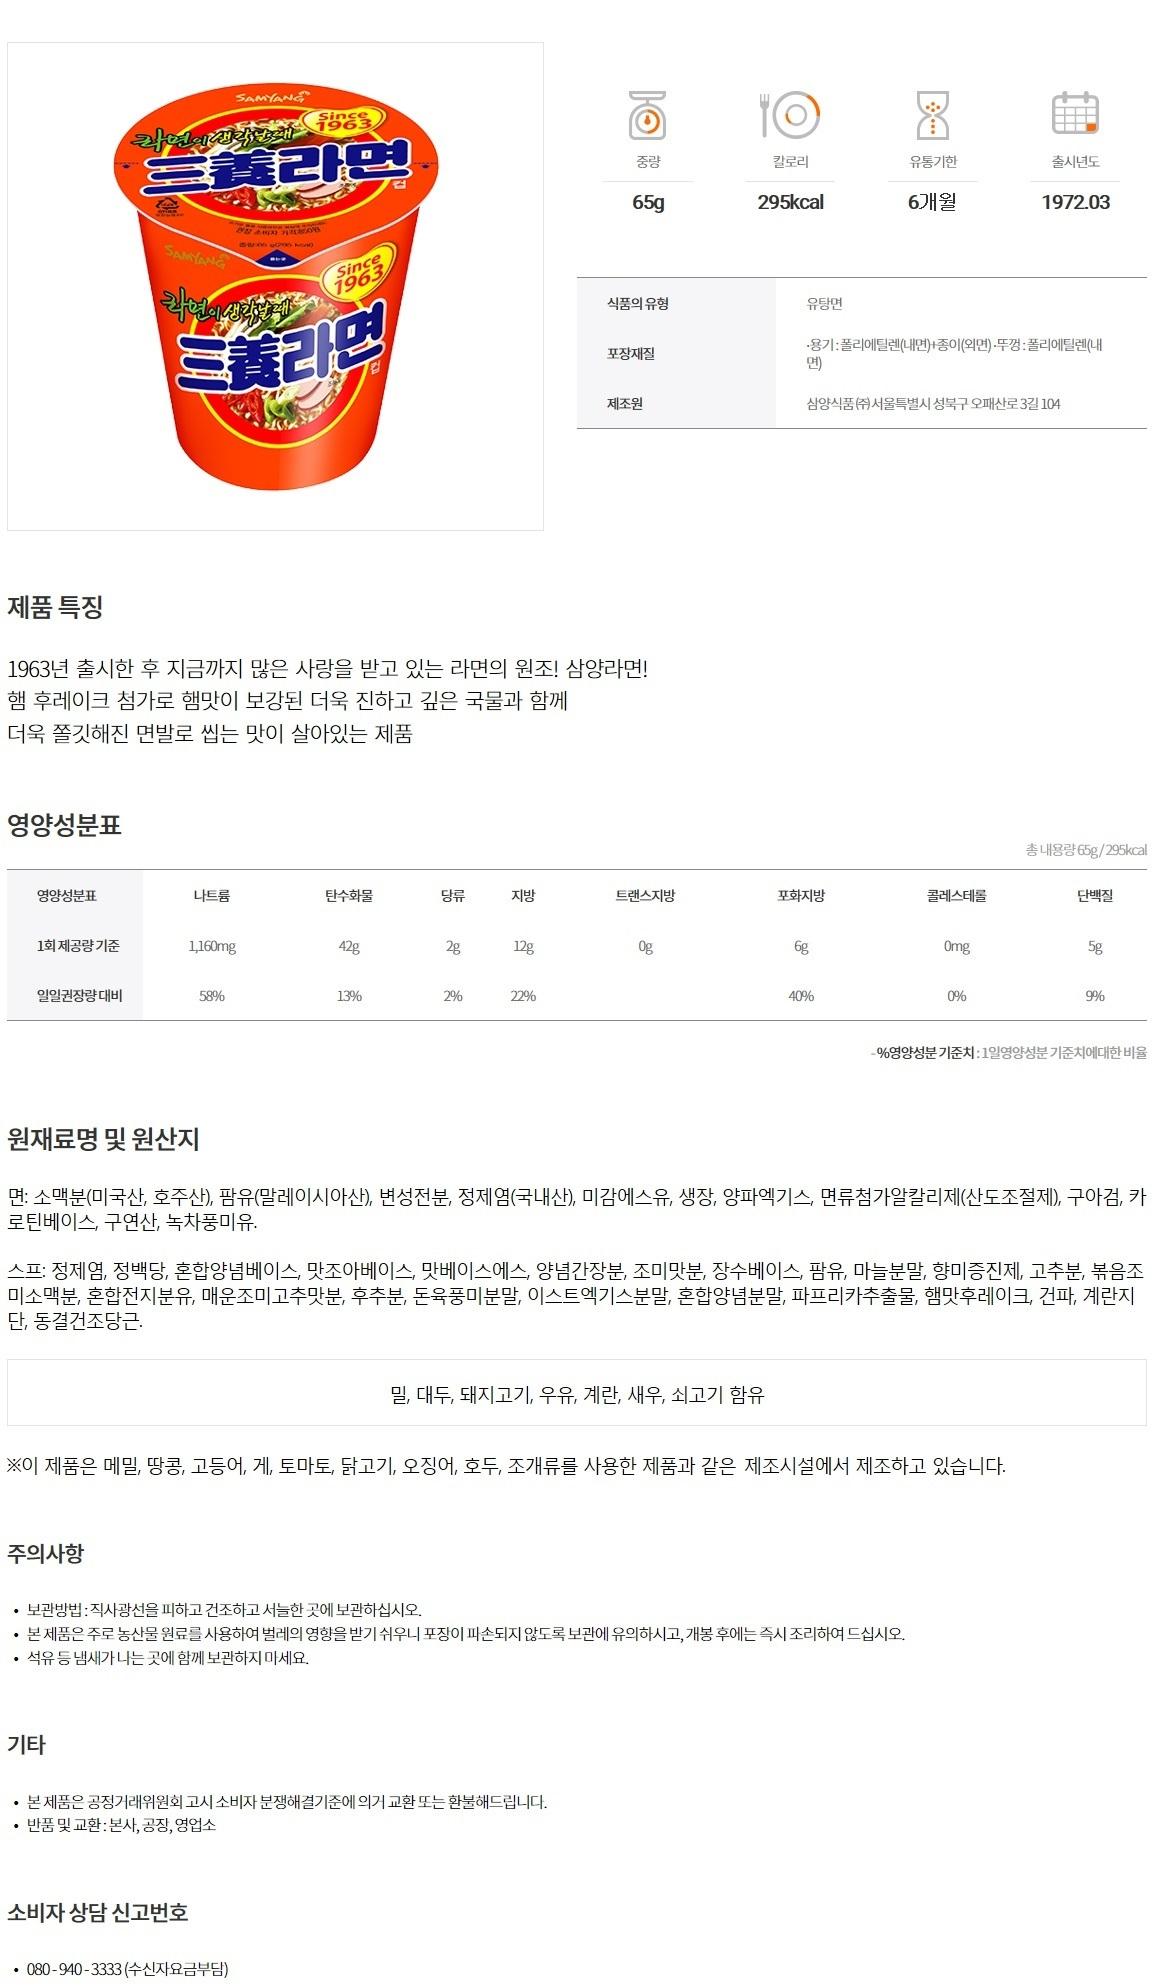 [ samyang ] Samyang Cup Ramen 65g * 6Ea